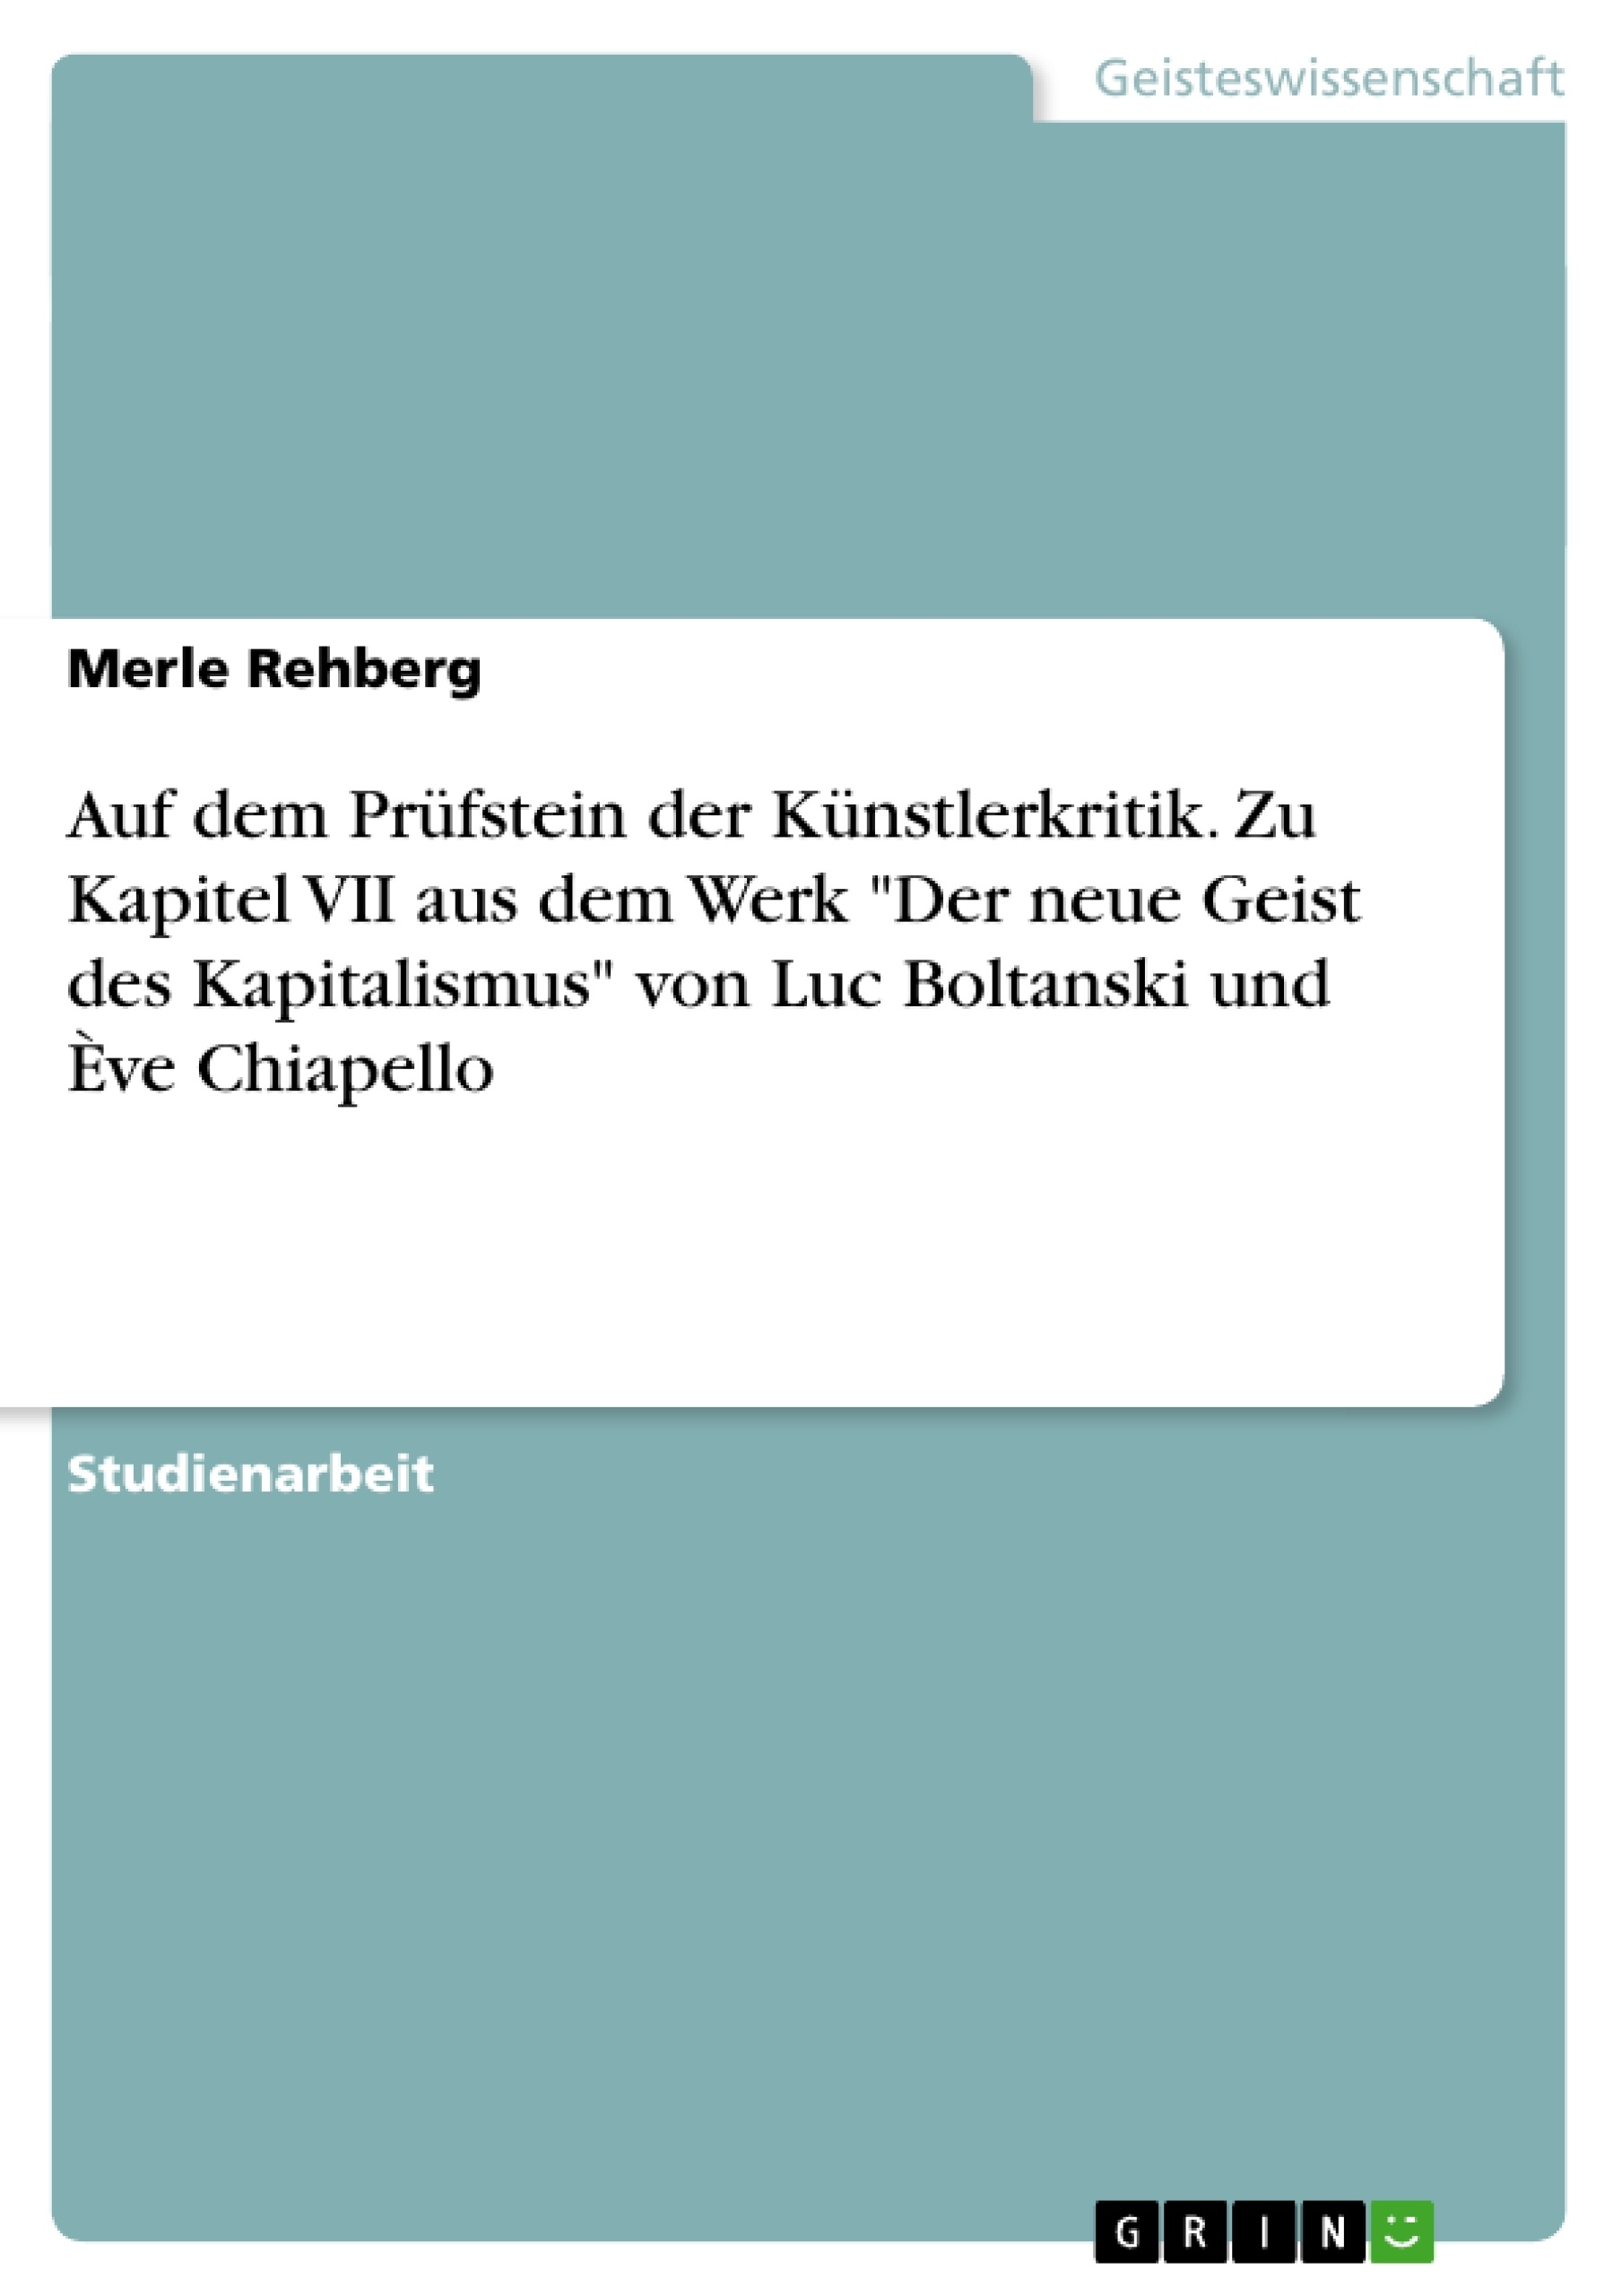 """Titel: Auf dem Prüfstein der Künstlerkritik. Zu Kapitel VII aus dem Werk """"Der neue Geist des Kapitalismus"""" von Luc Boltanski und Ève Chiapello"""